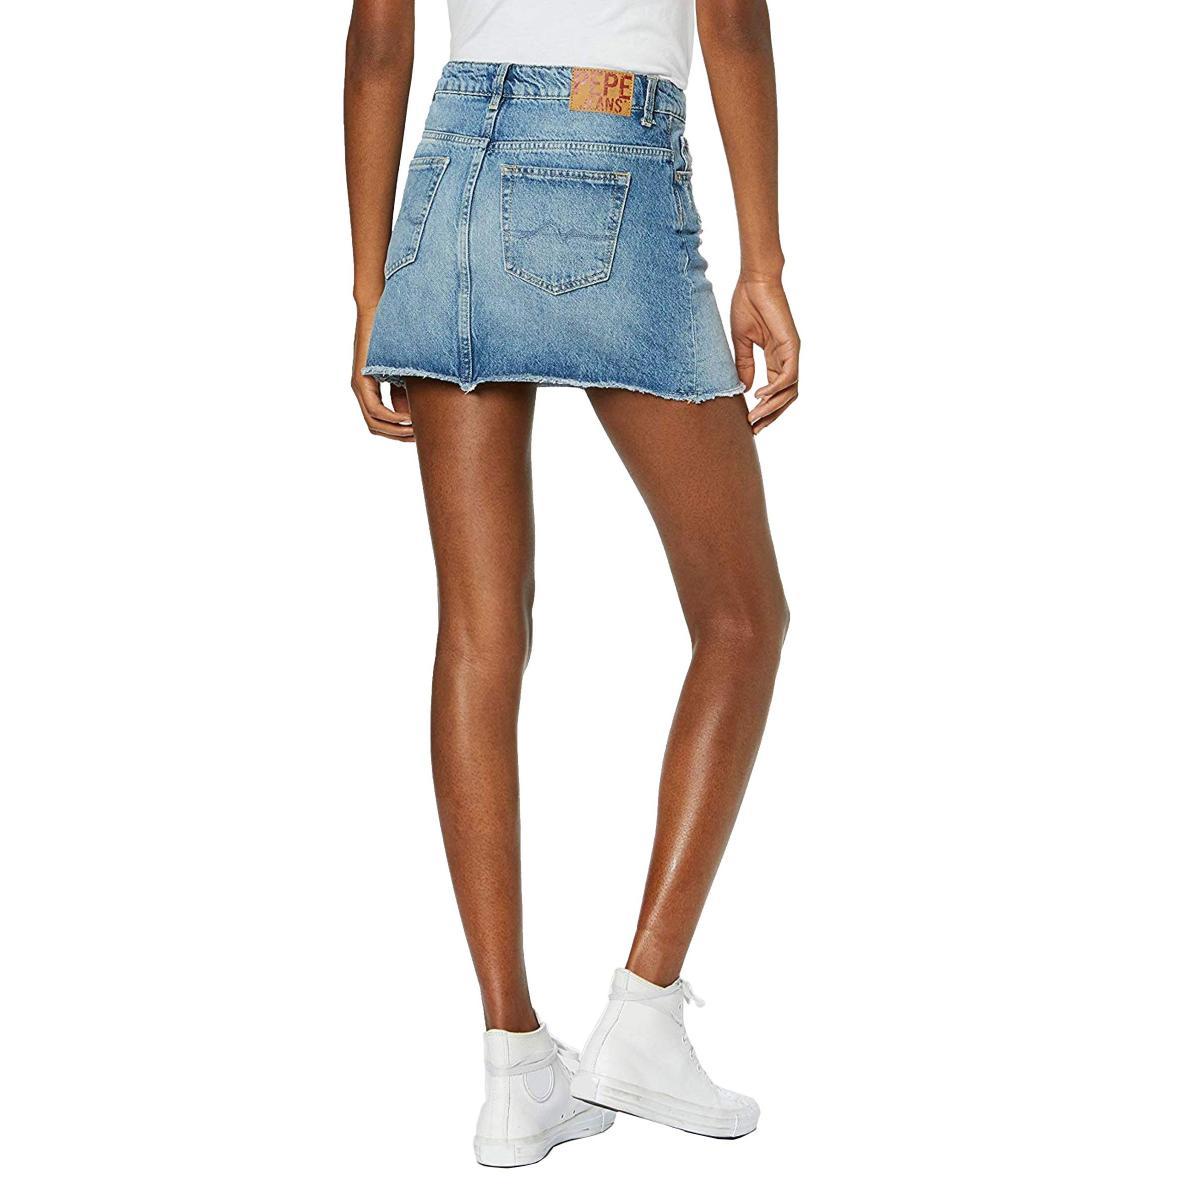 Minigonna Pepe Jeans in denim con stampe da donna rif. PL900819 DANI ARCHIVE